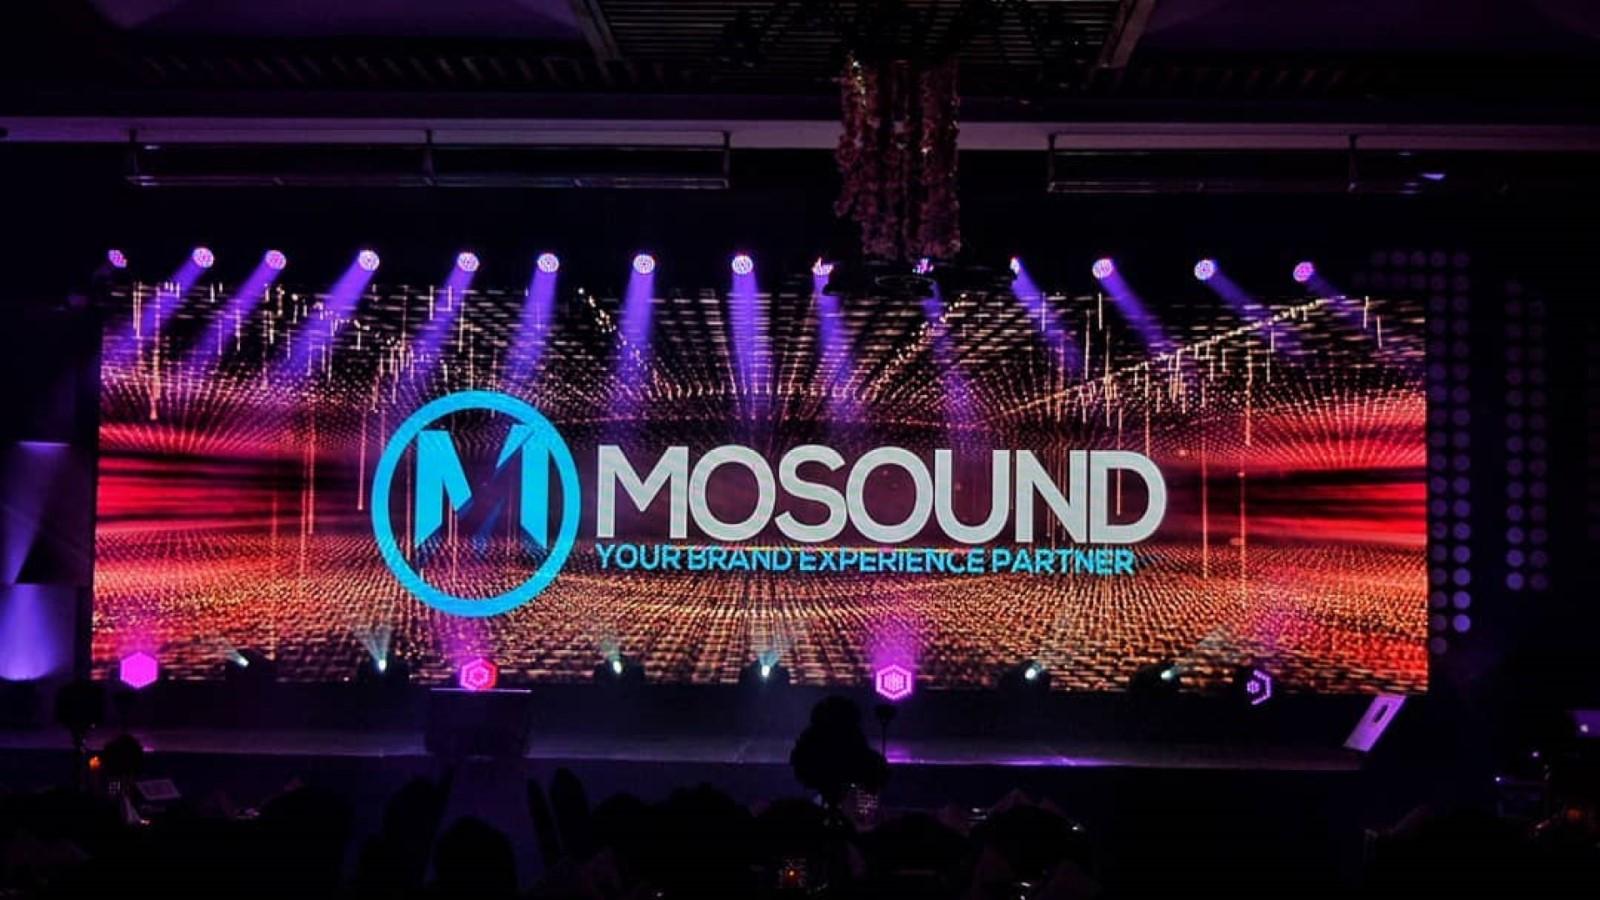 LED Screen Mosound Events Kenya